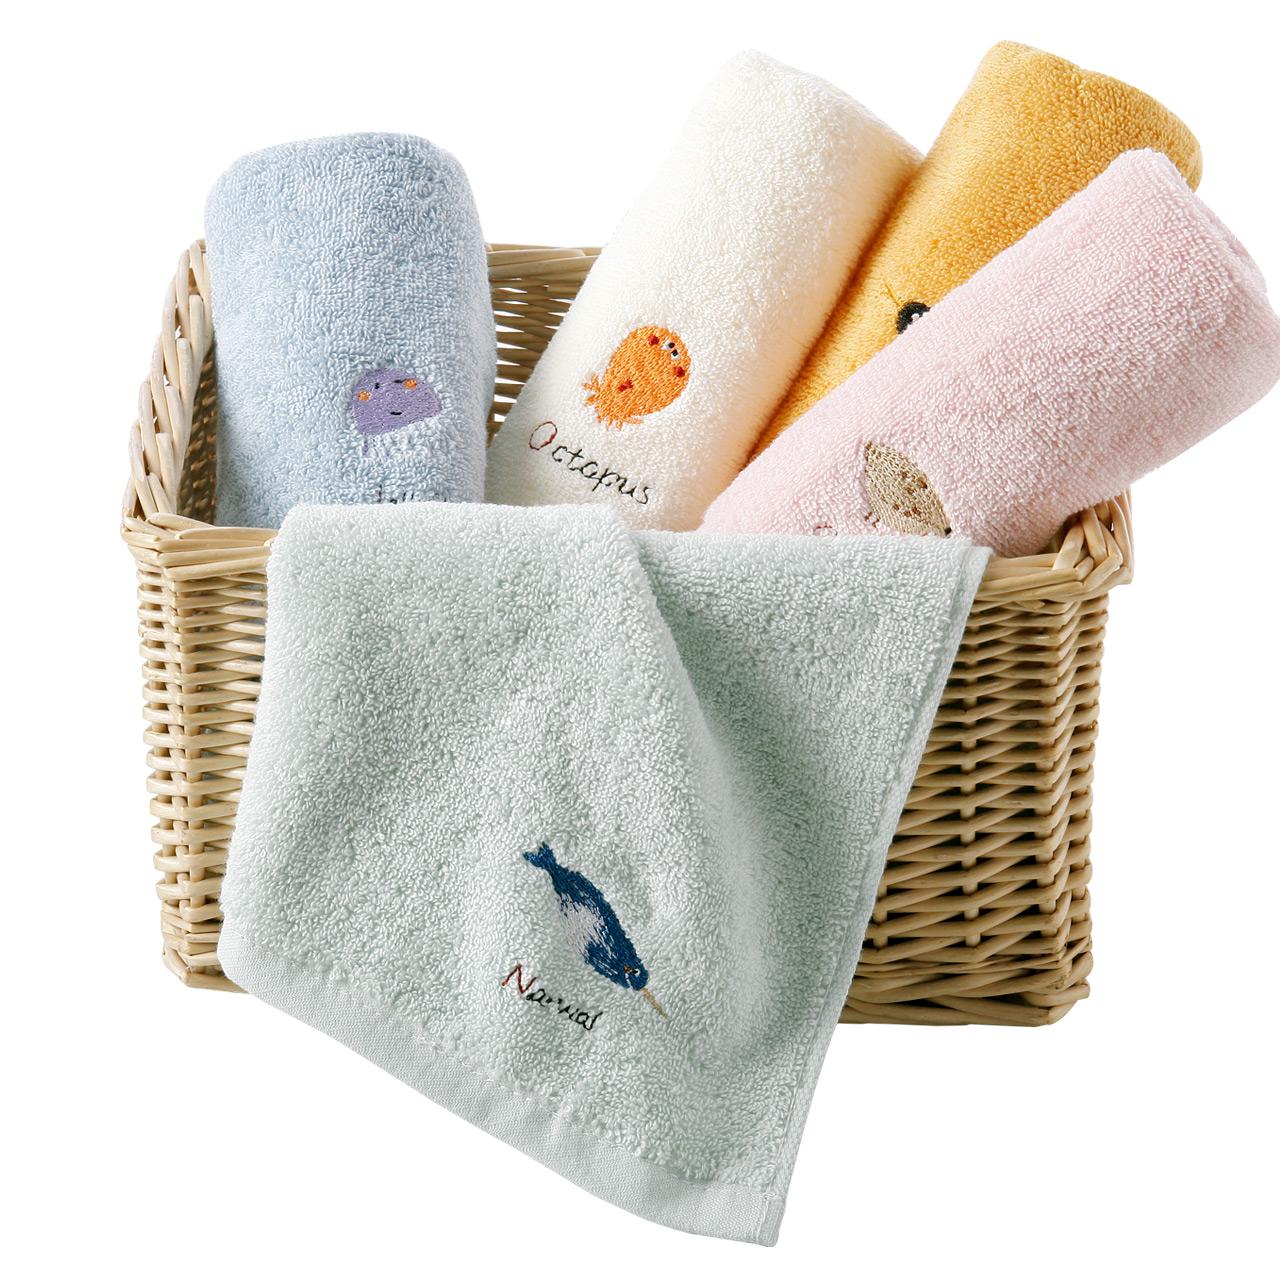 【5条】金号纯棉小毛巾儿童成人男女洗脸家用卡通柔软吸水不掉毛